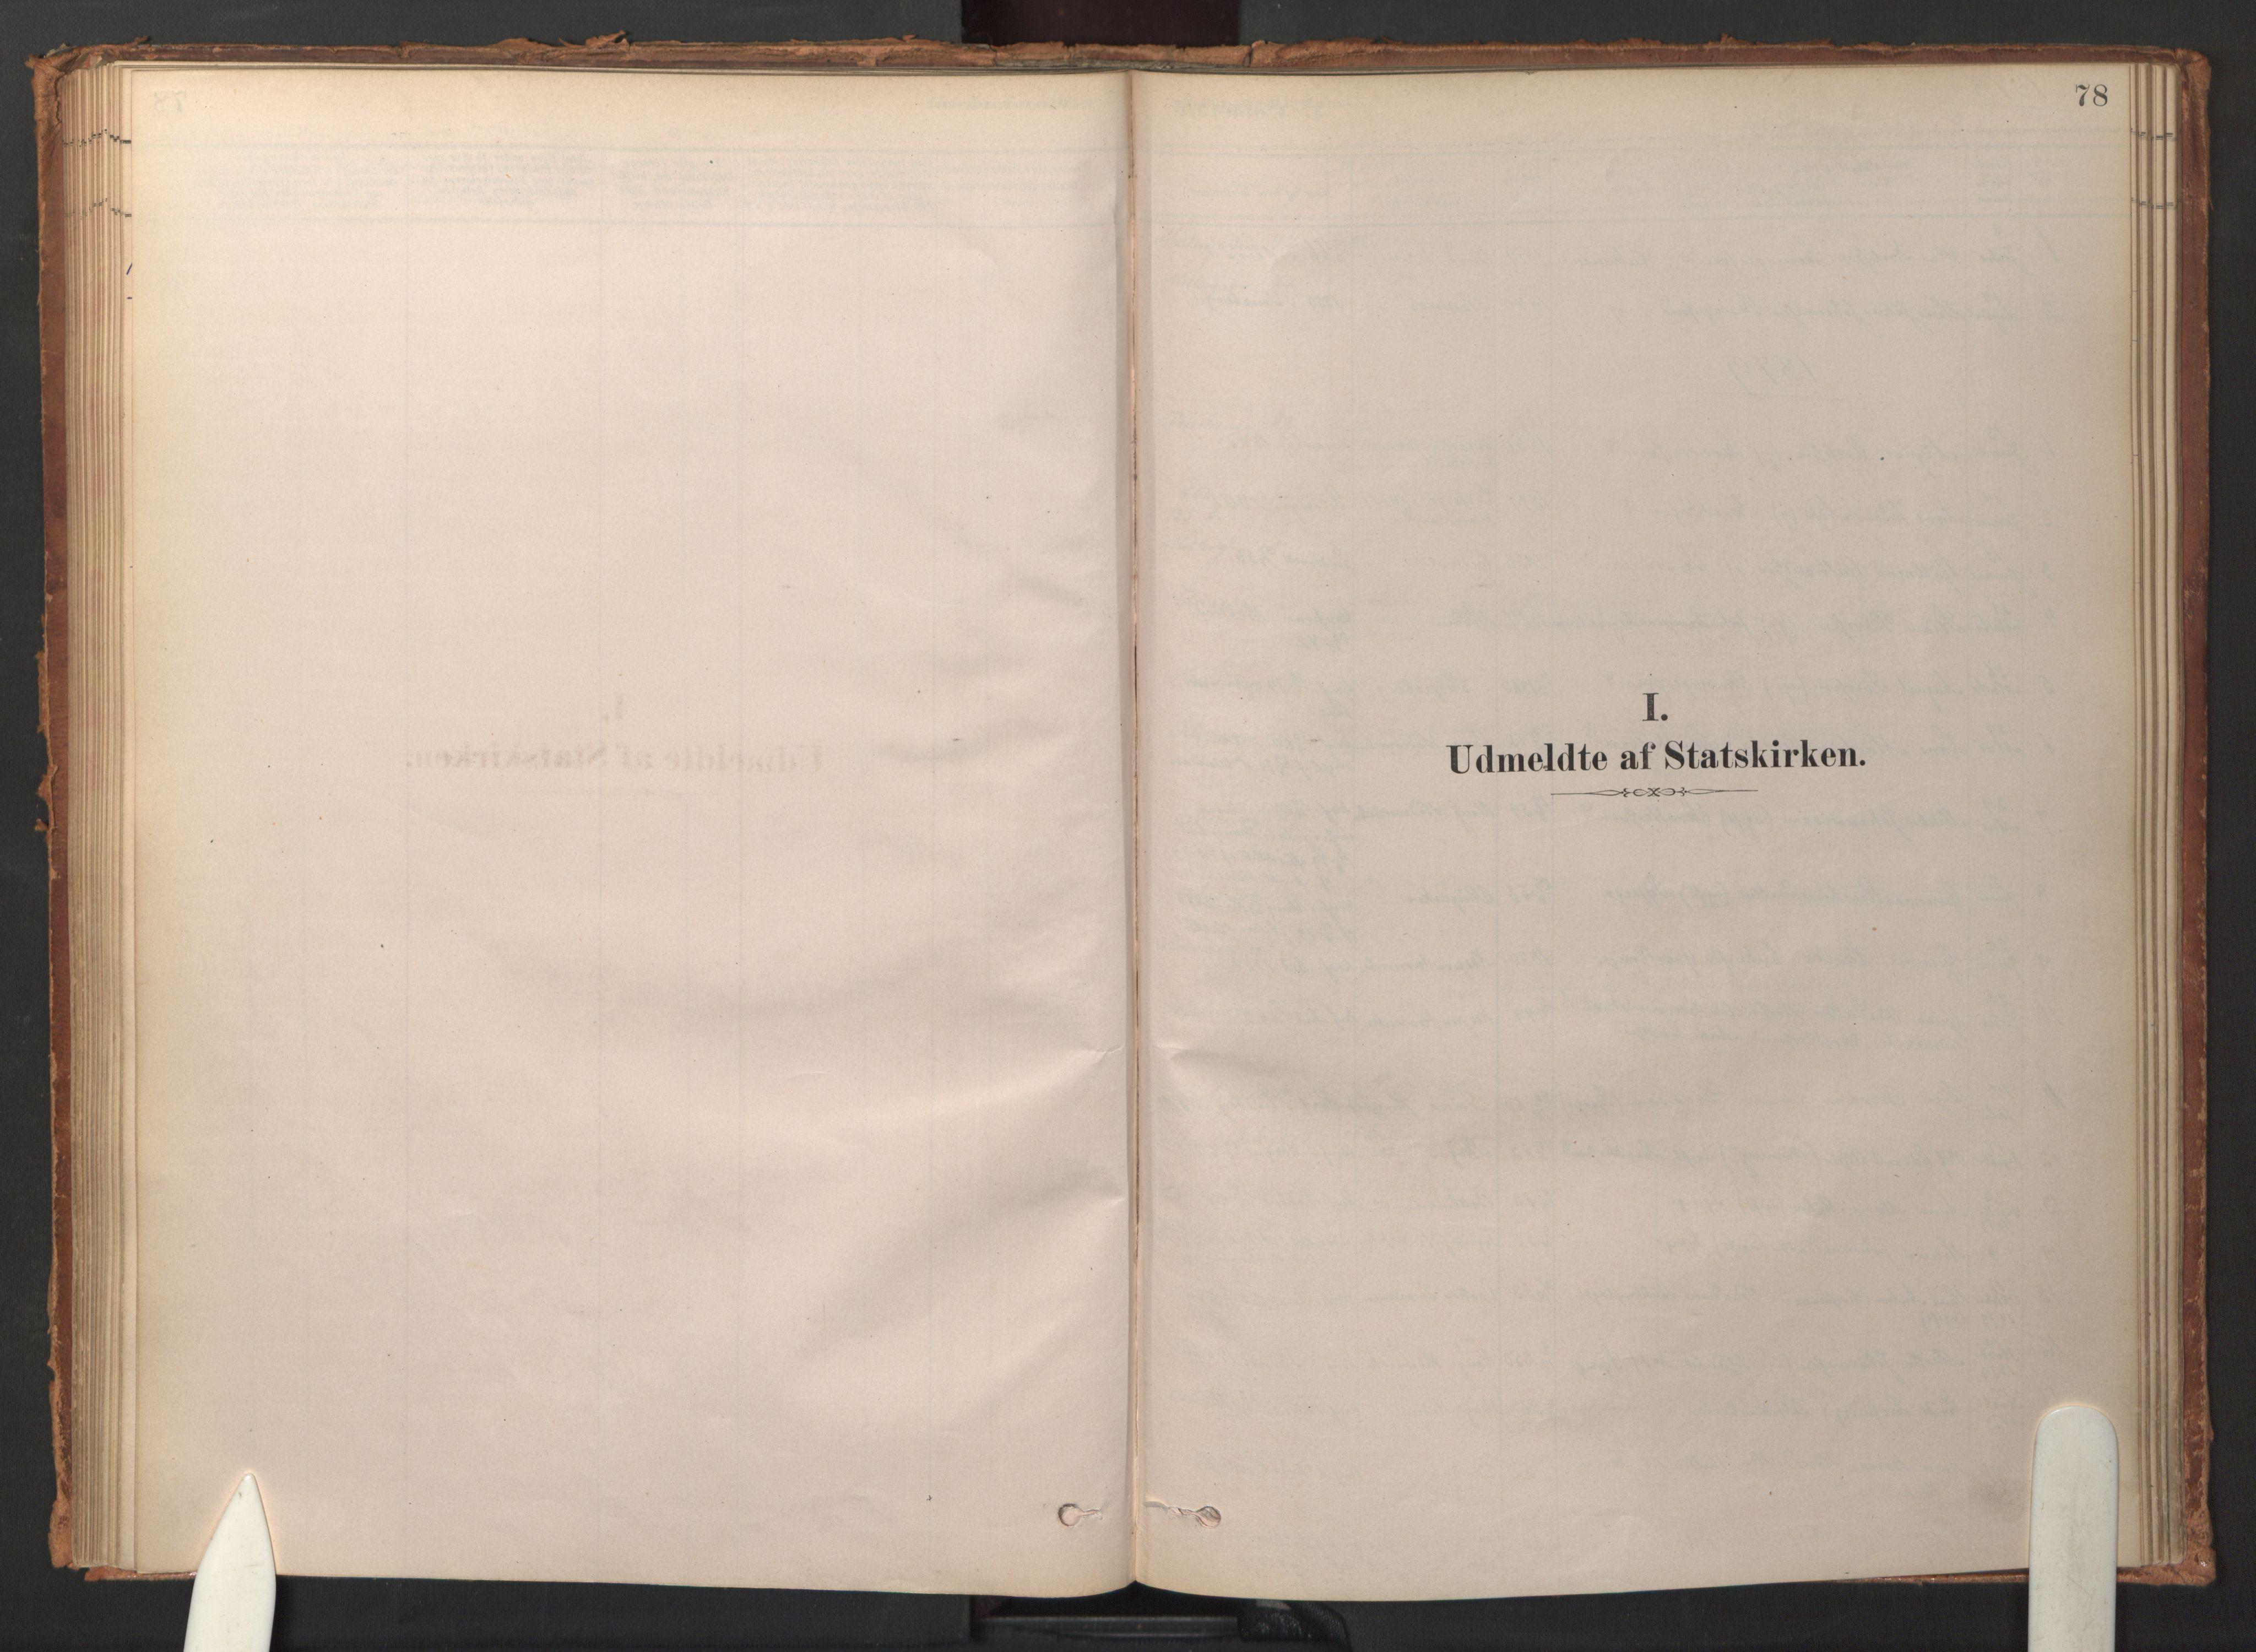 SAO, Jakob prestekontor Kirkebøker, F/Fa/L0015: Ministerialbok nr. 15, 1878-1983, s. 78